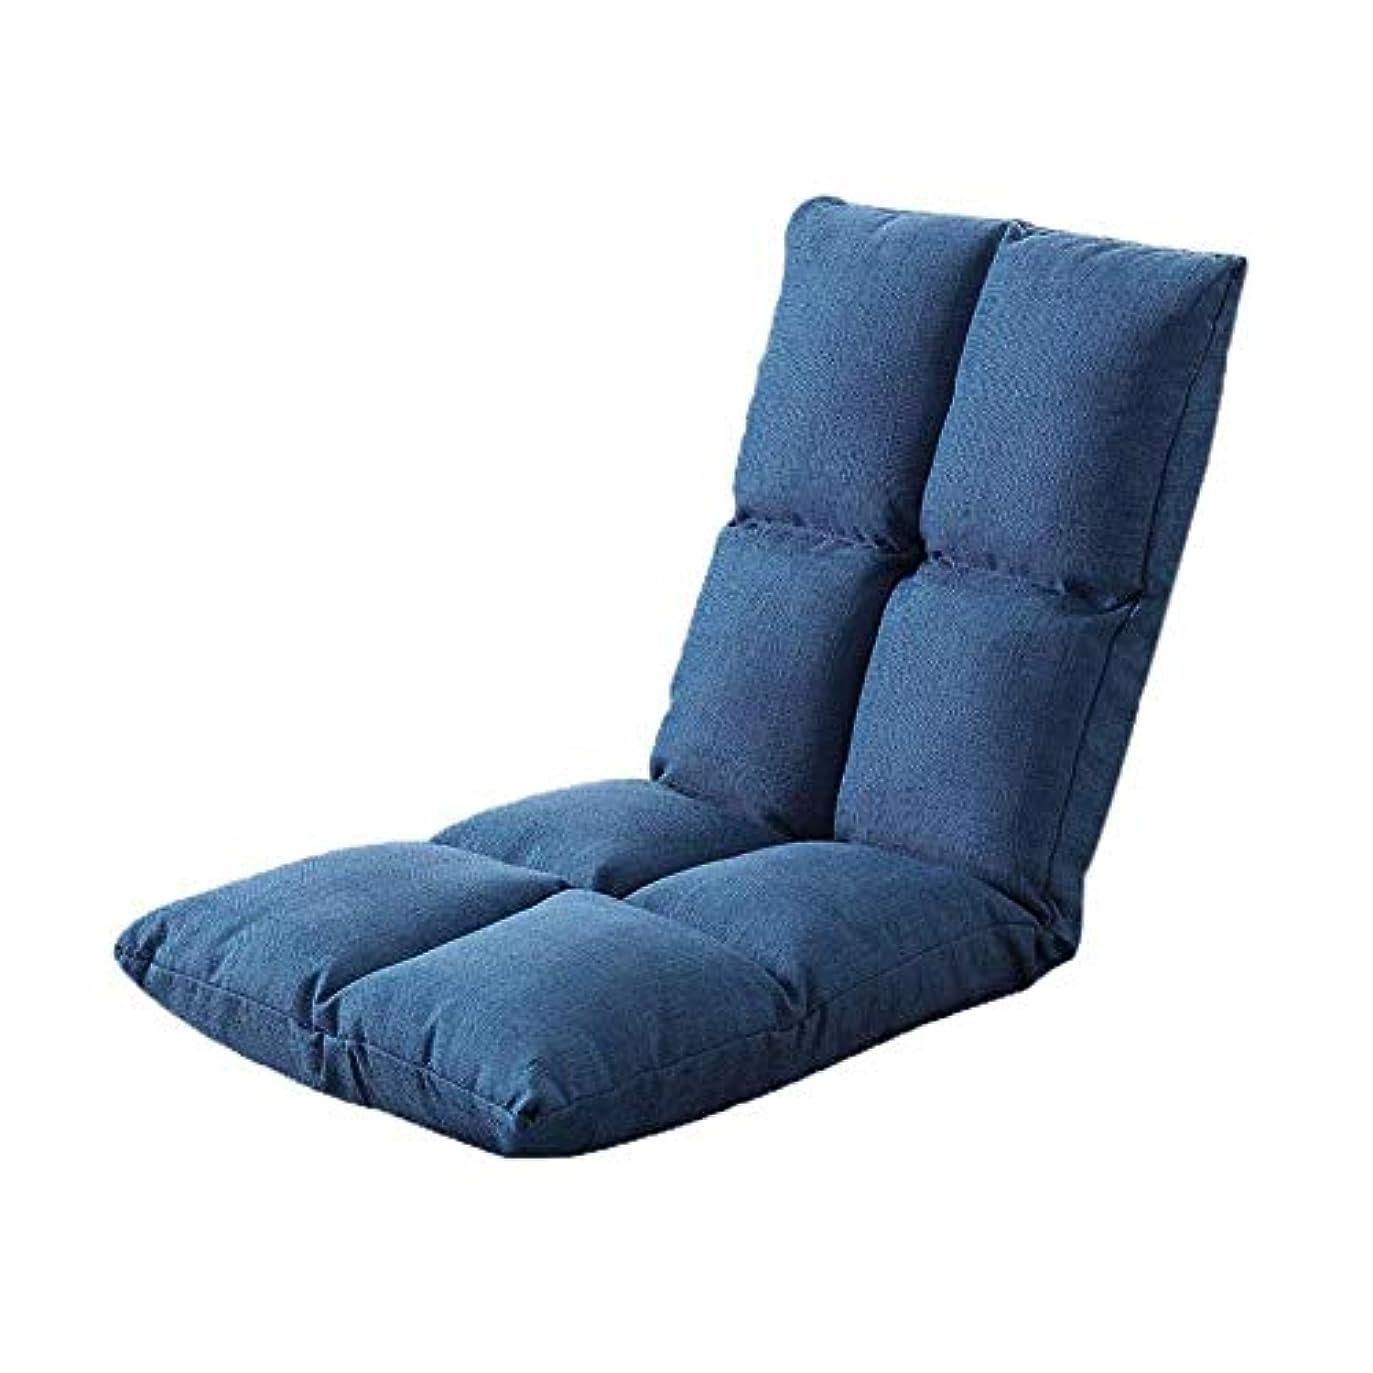 レタス資本主義出来事瞑想用椅子、座るソファ、畳の畳の背もたれ、折り畳み式の洗える増粘剤、バルコニーの寝室のコンピューターのクッション